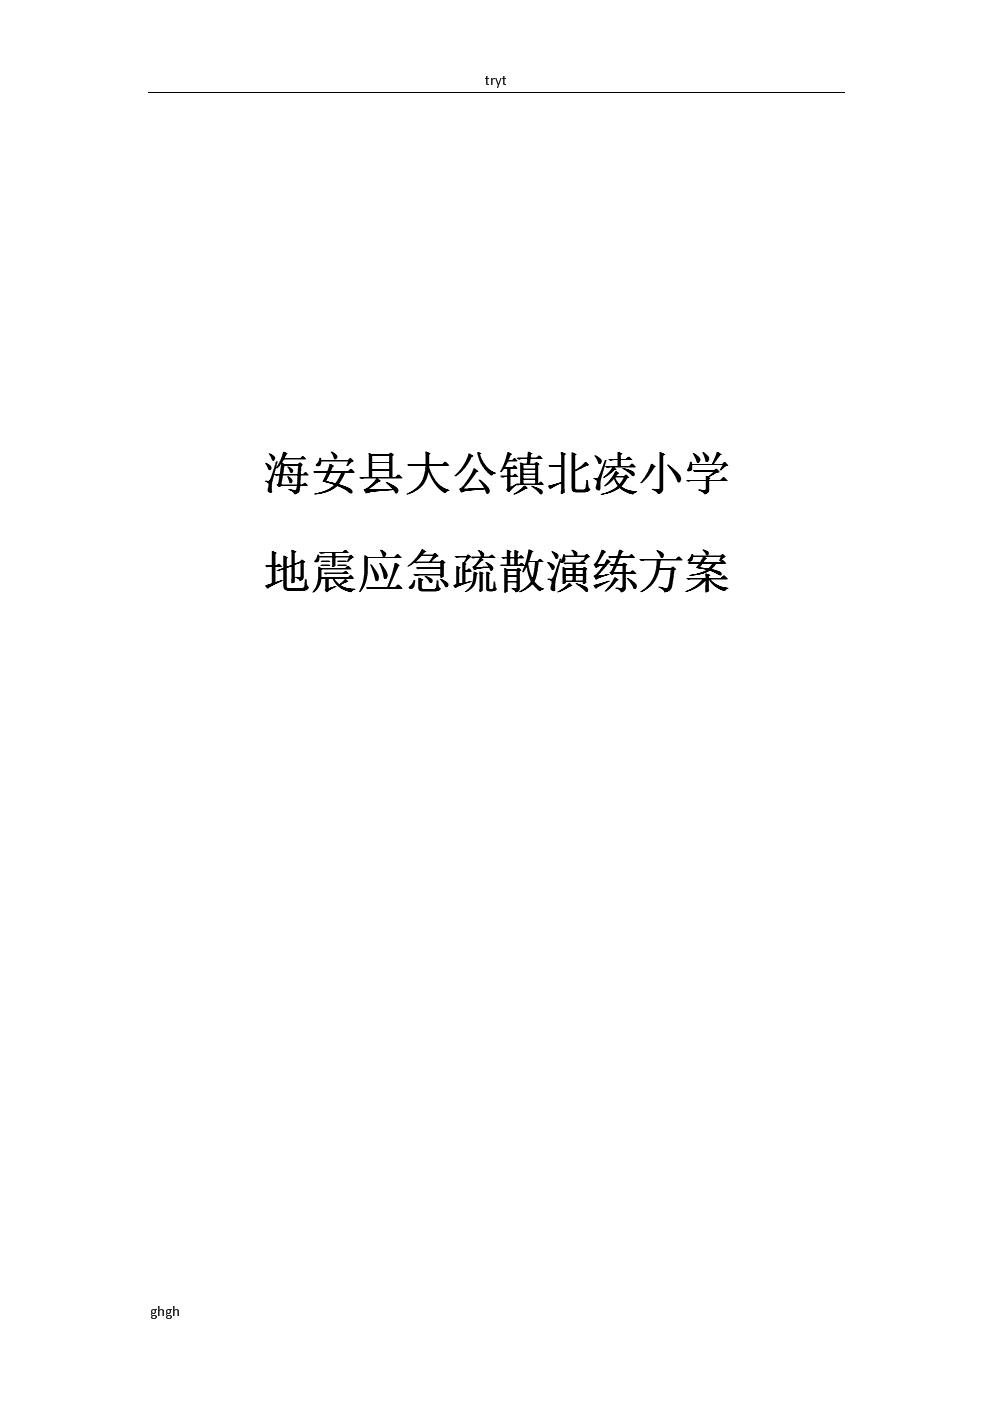 海安县大公镇北凌小学精选版.doc